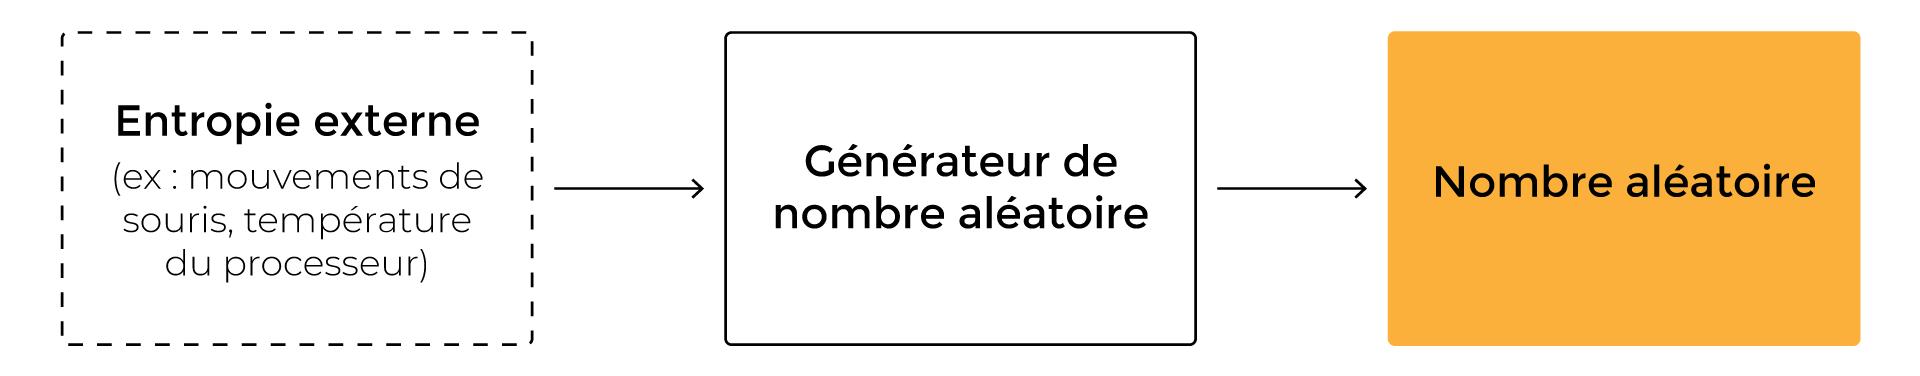 La représentation simplifiée du fonctionnement d'un GNA